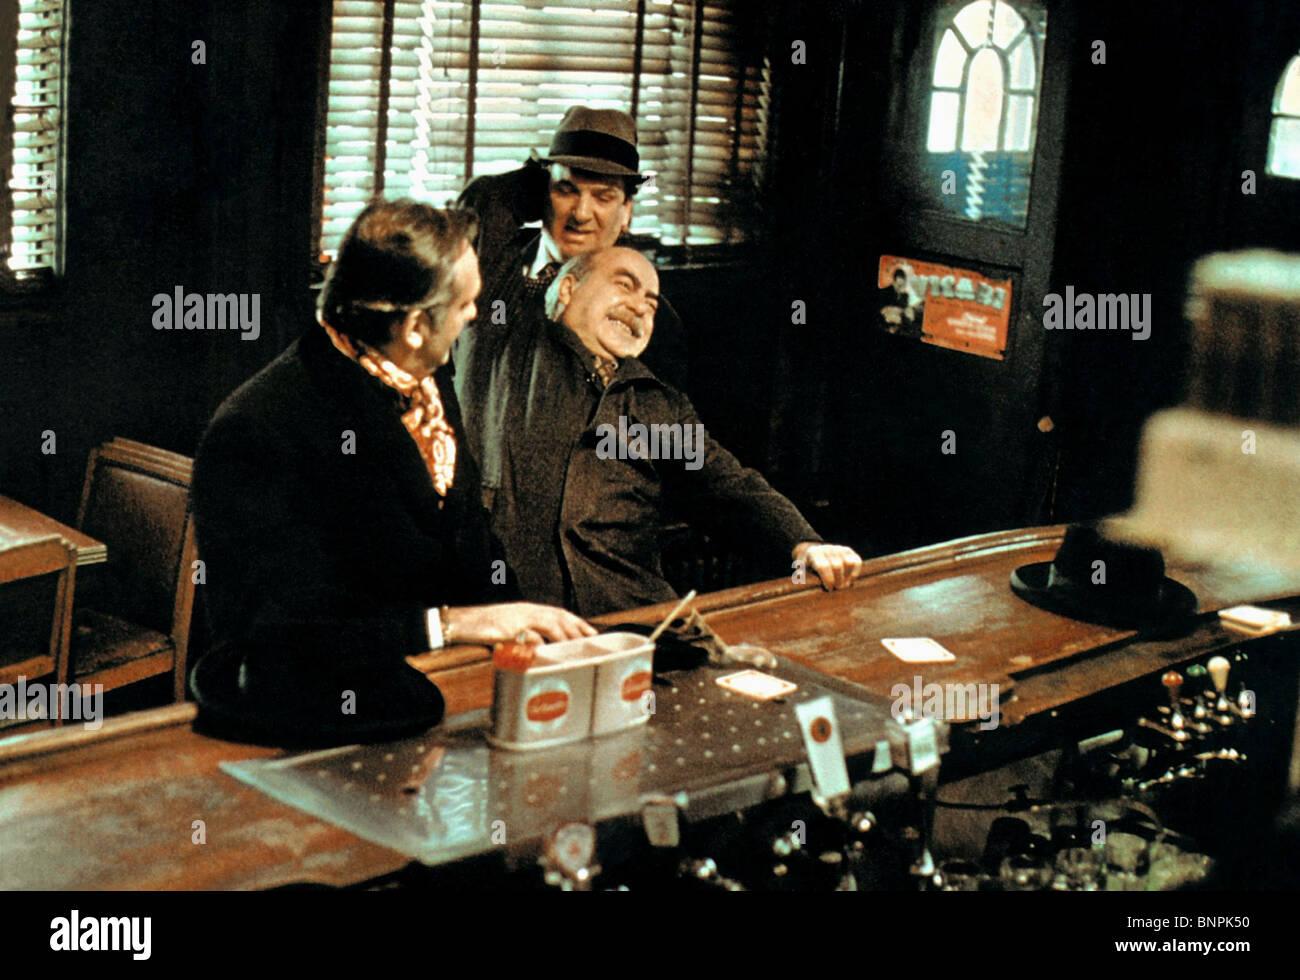 Danny Aiello Godfather Part 2